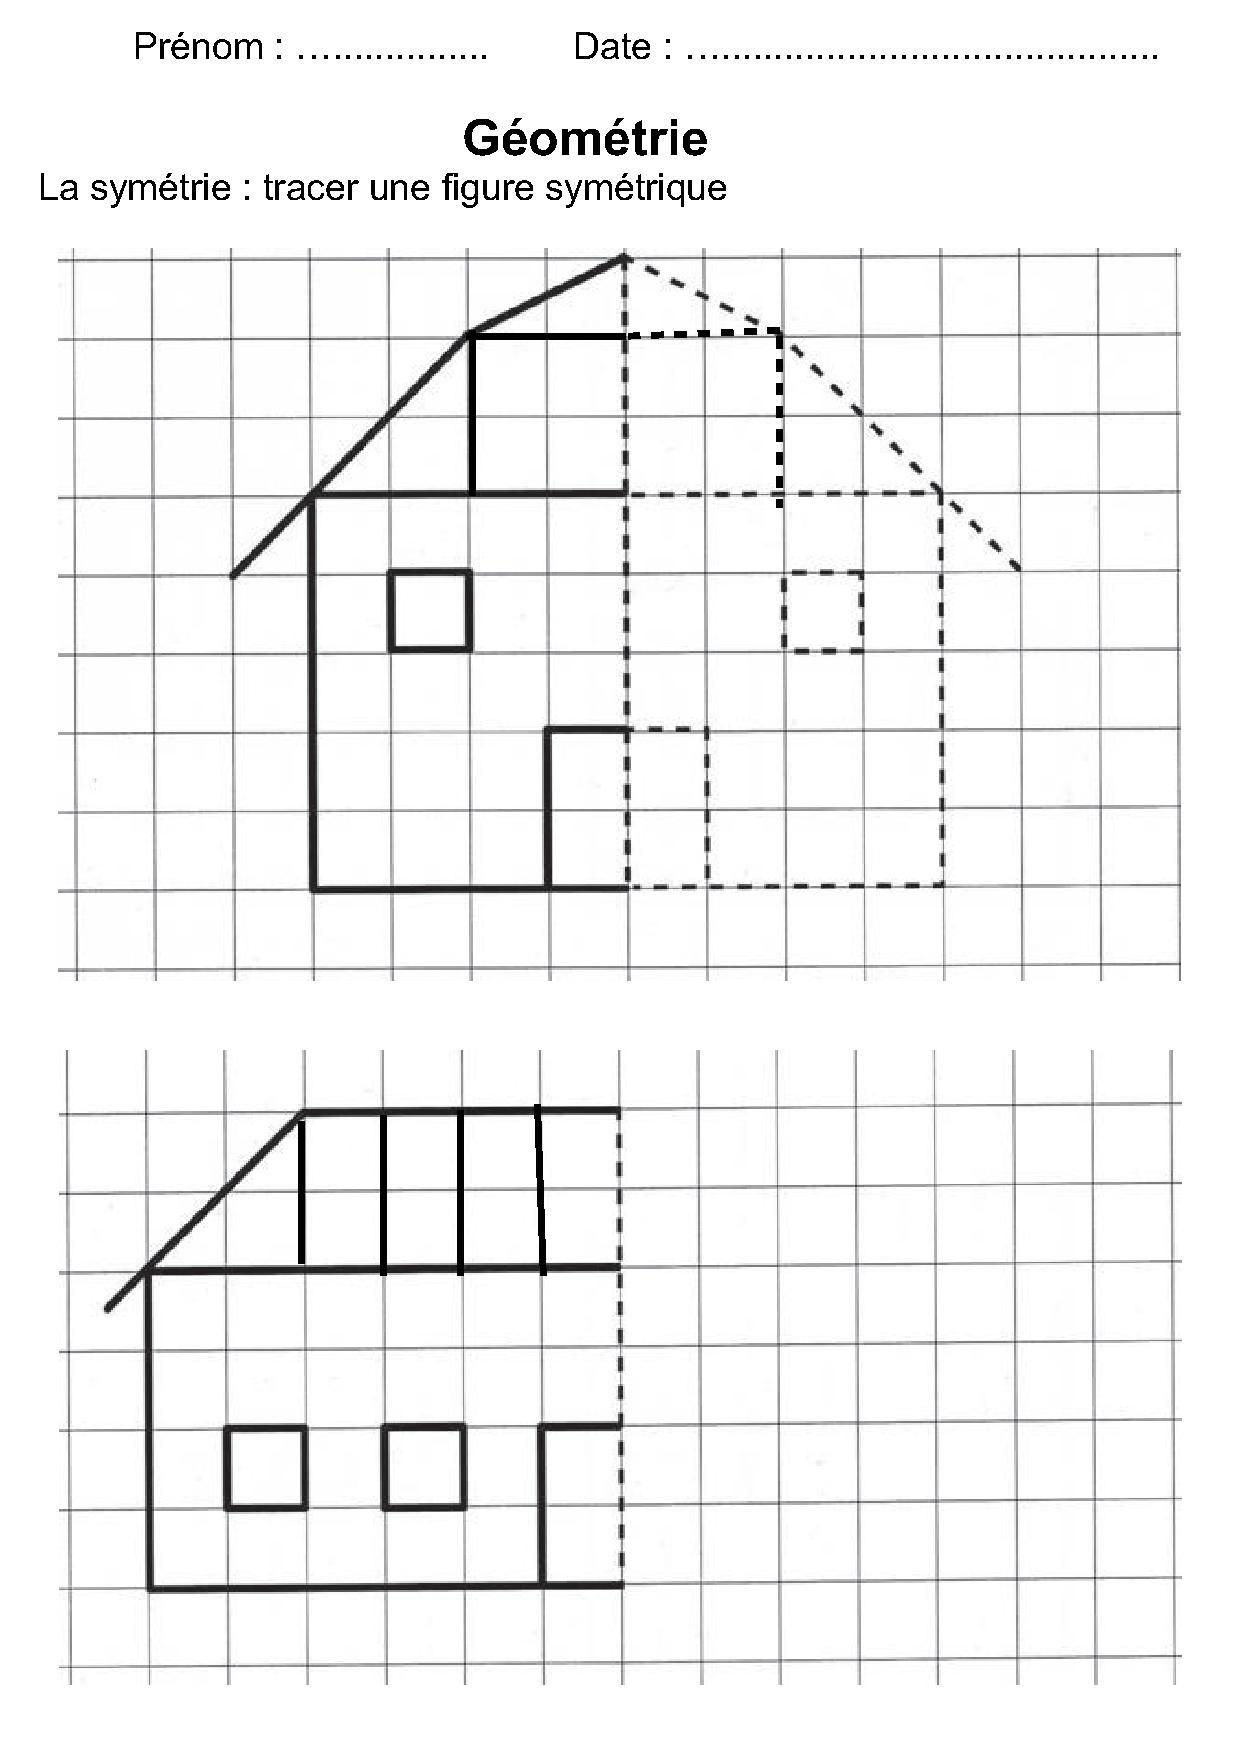 Géométrie Ce1,ce2,la Symétrie,reproduire Une Figure serapportantà Reproduction Sur Quadrillage Ce2